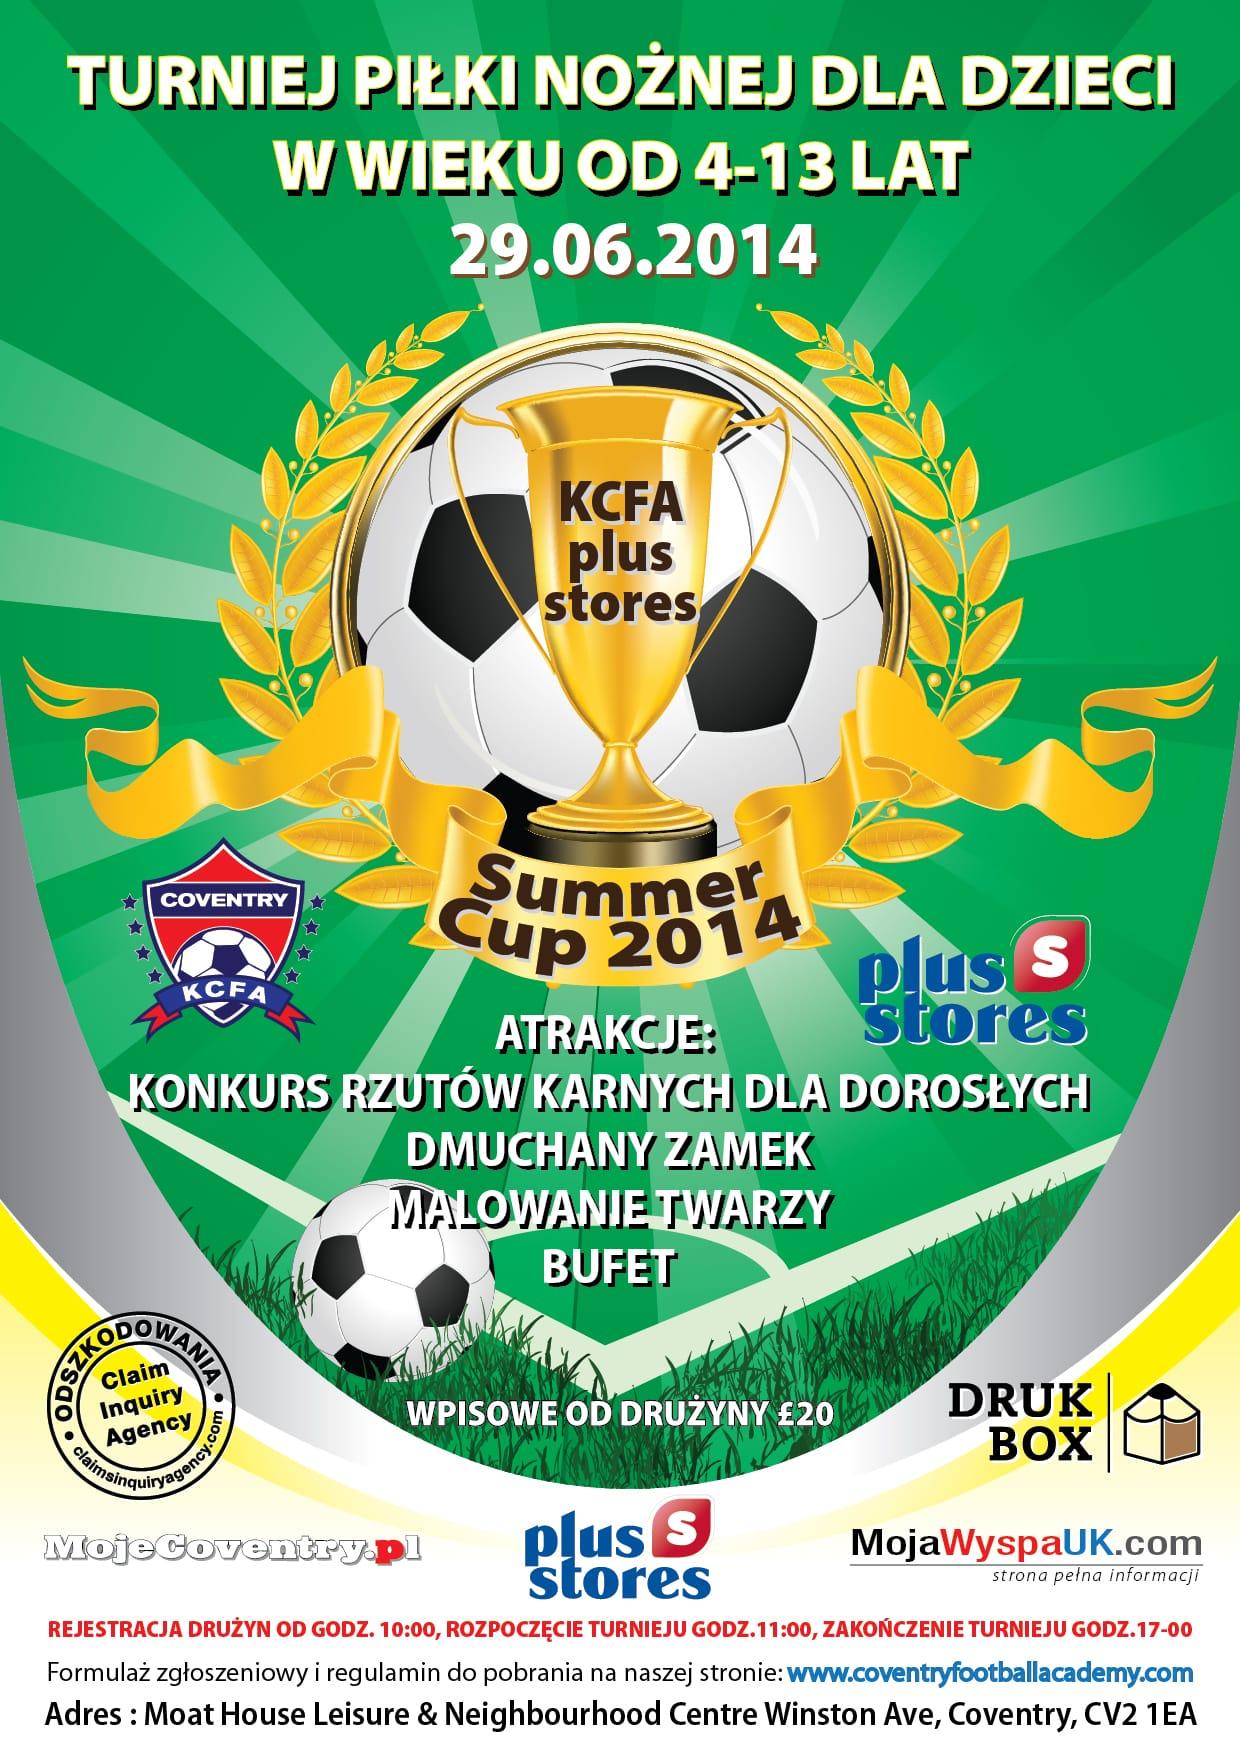 Turniej piłki nożnej dla dzieci w Coventry KCFA Plus Stores